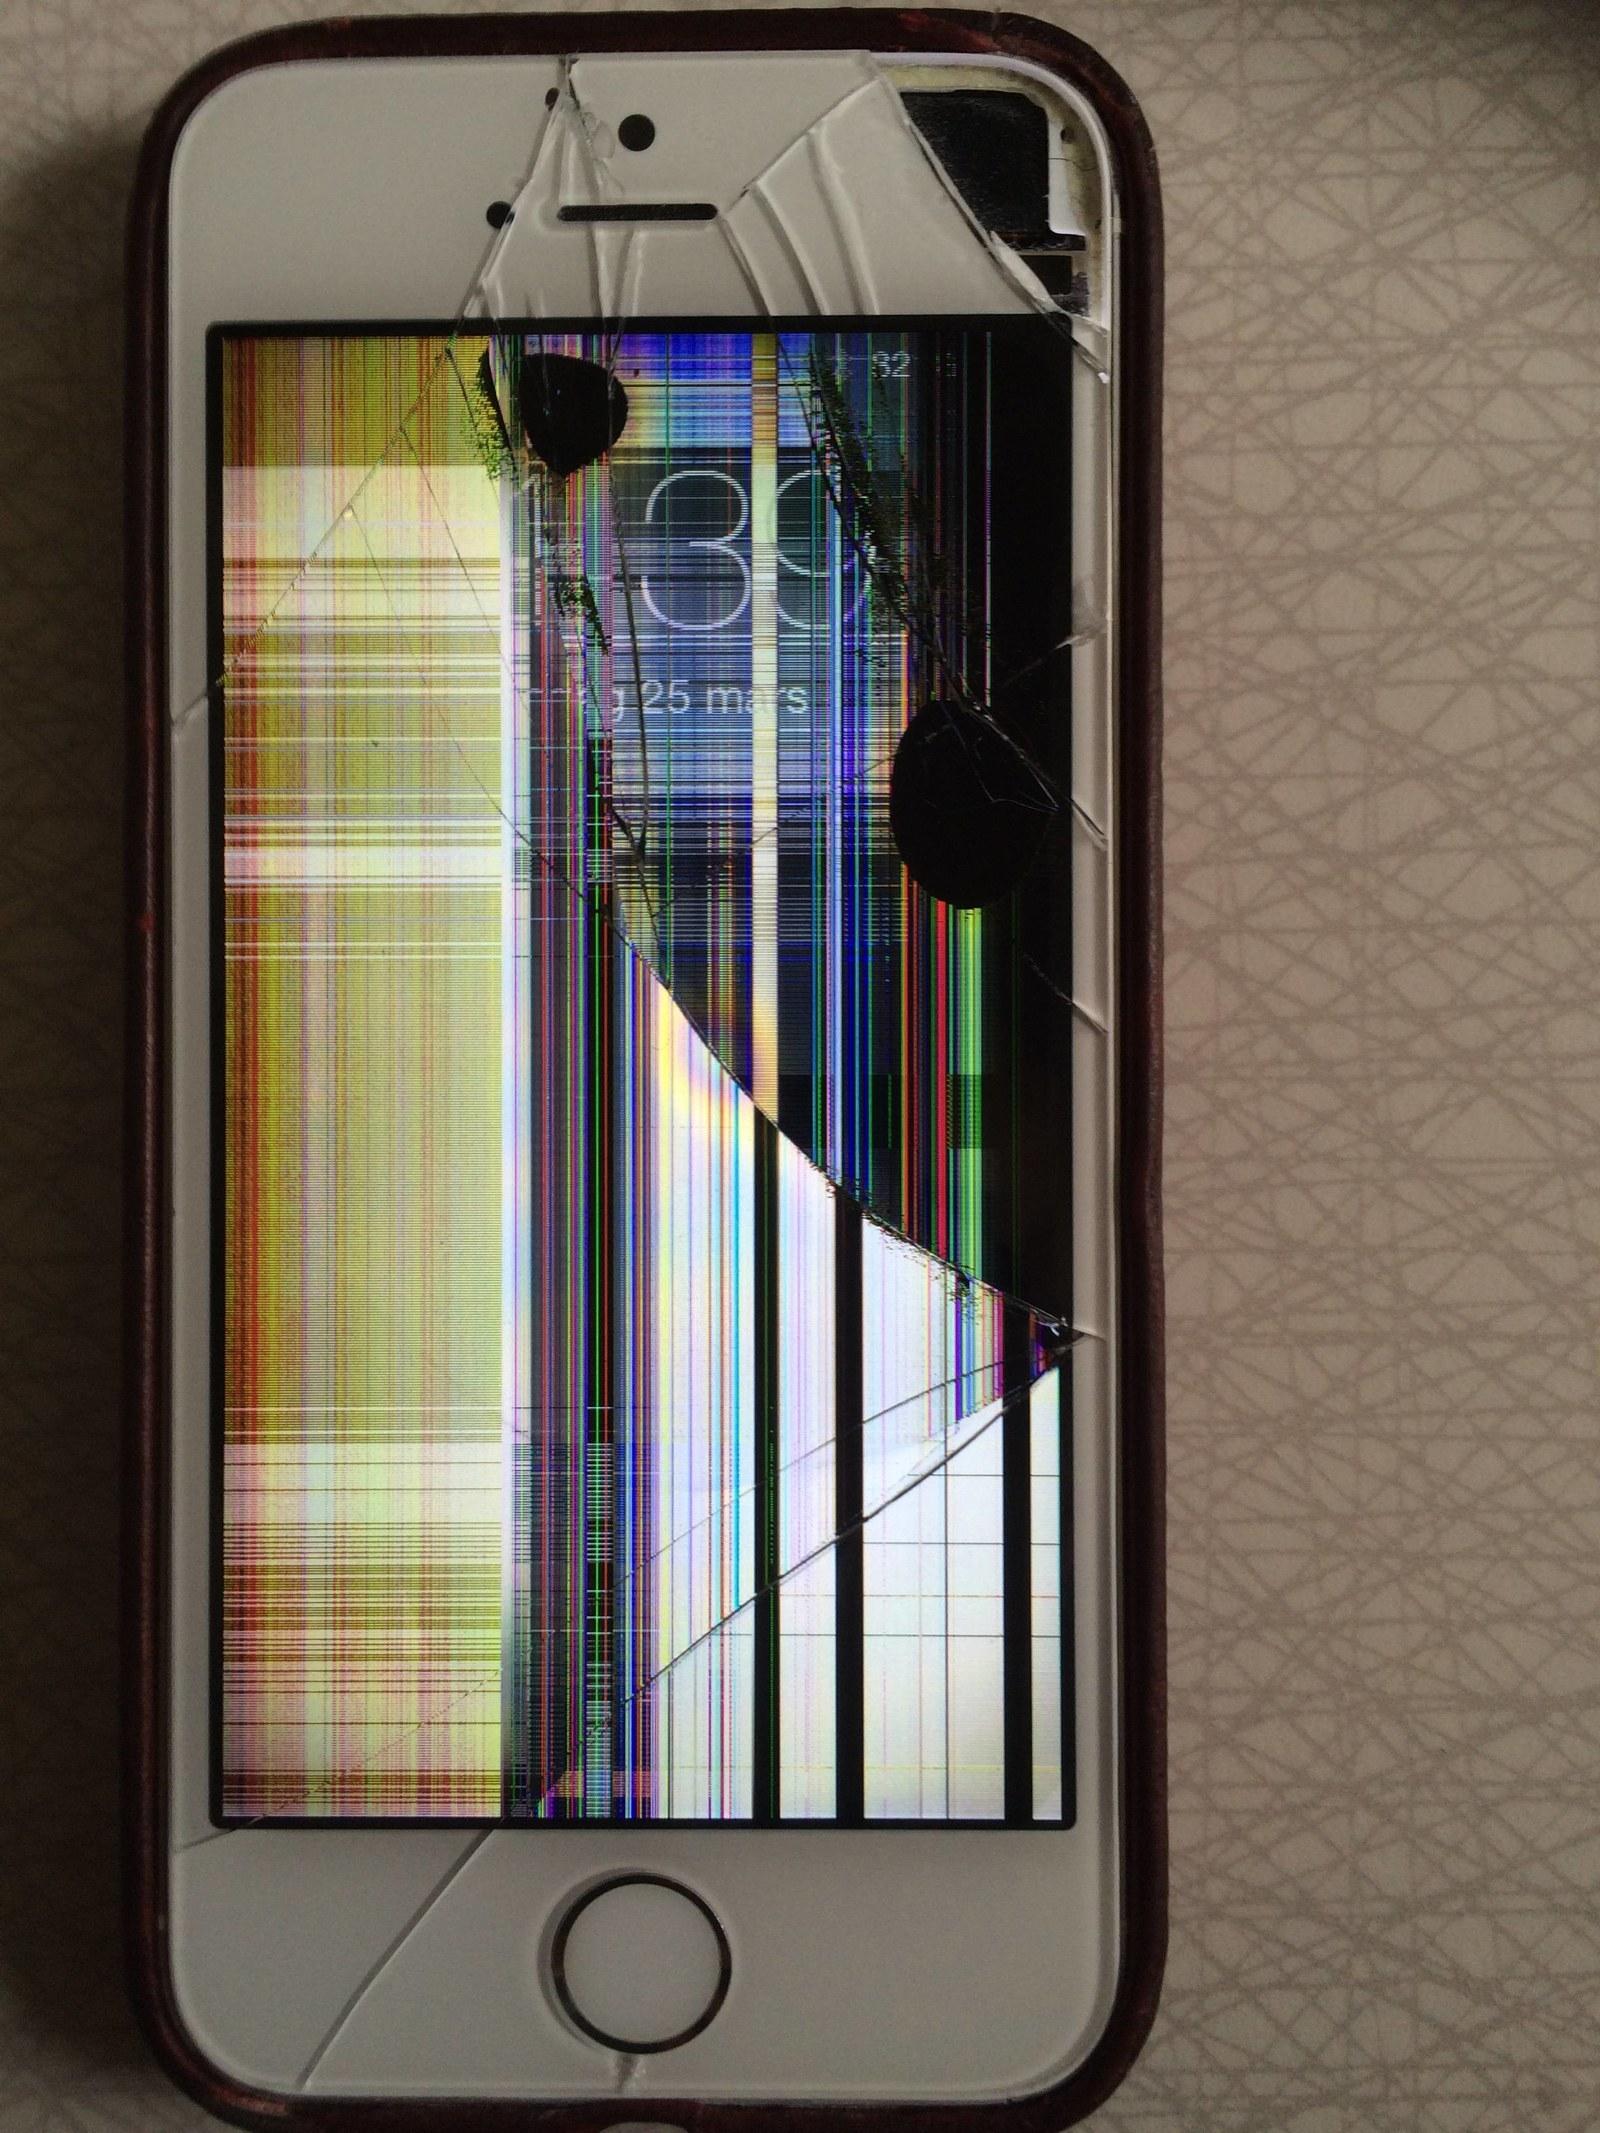 картинки сломанный дисплей на телефоне стоят брошенные полпути